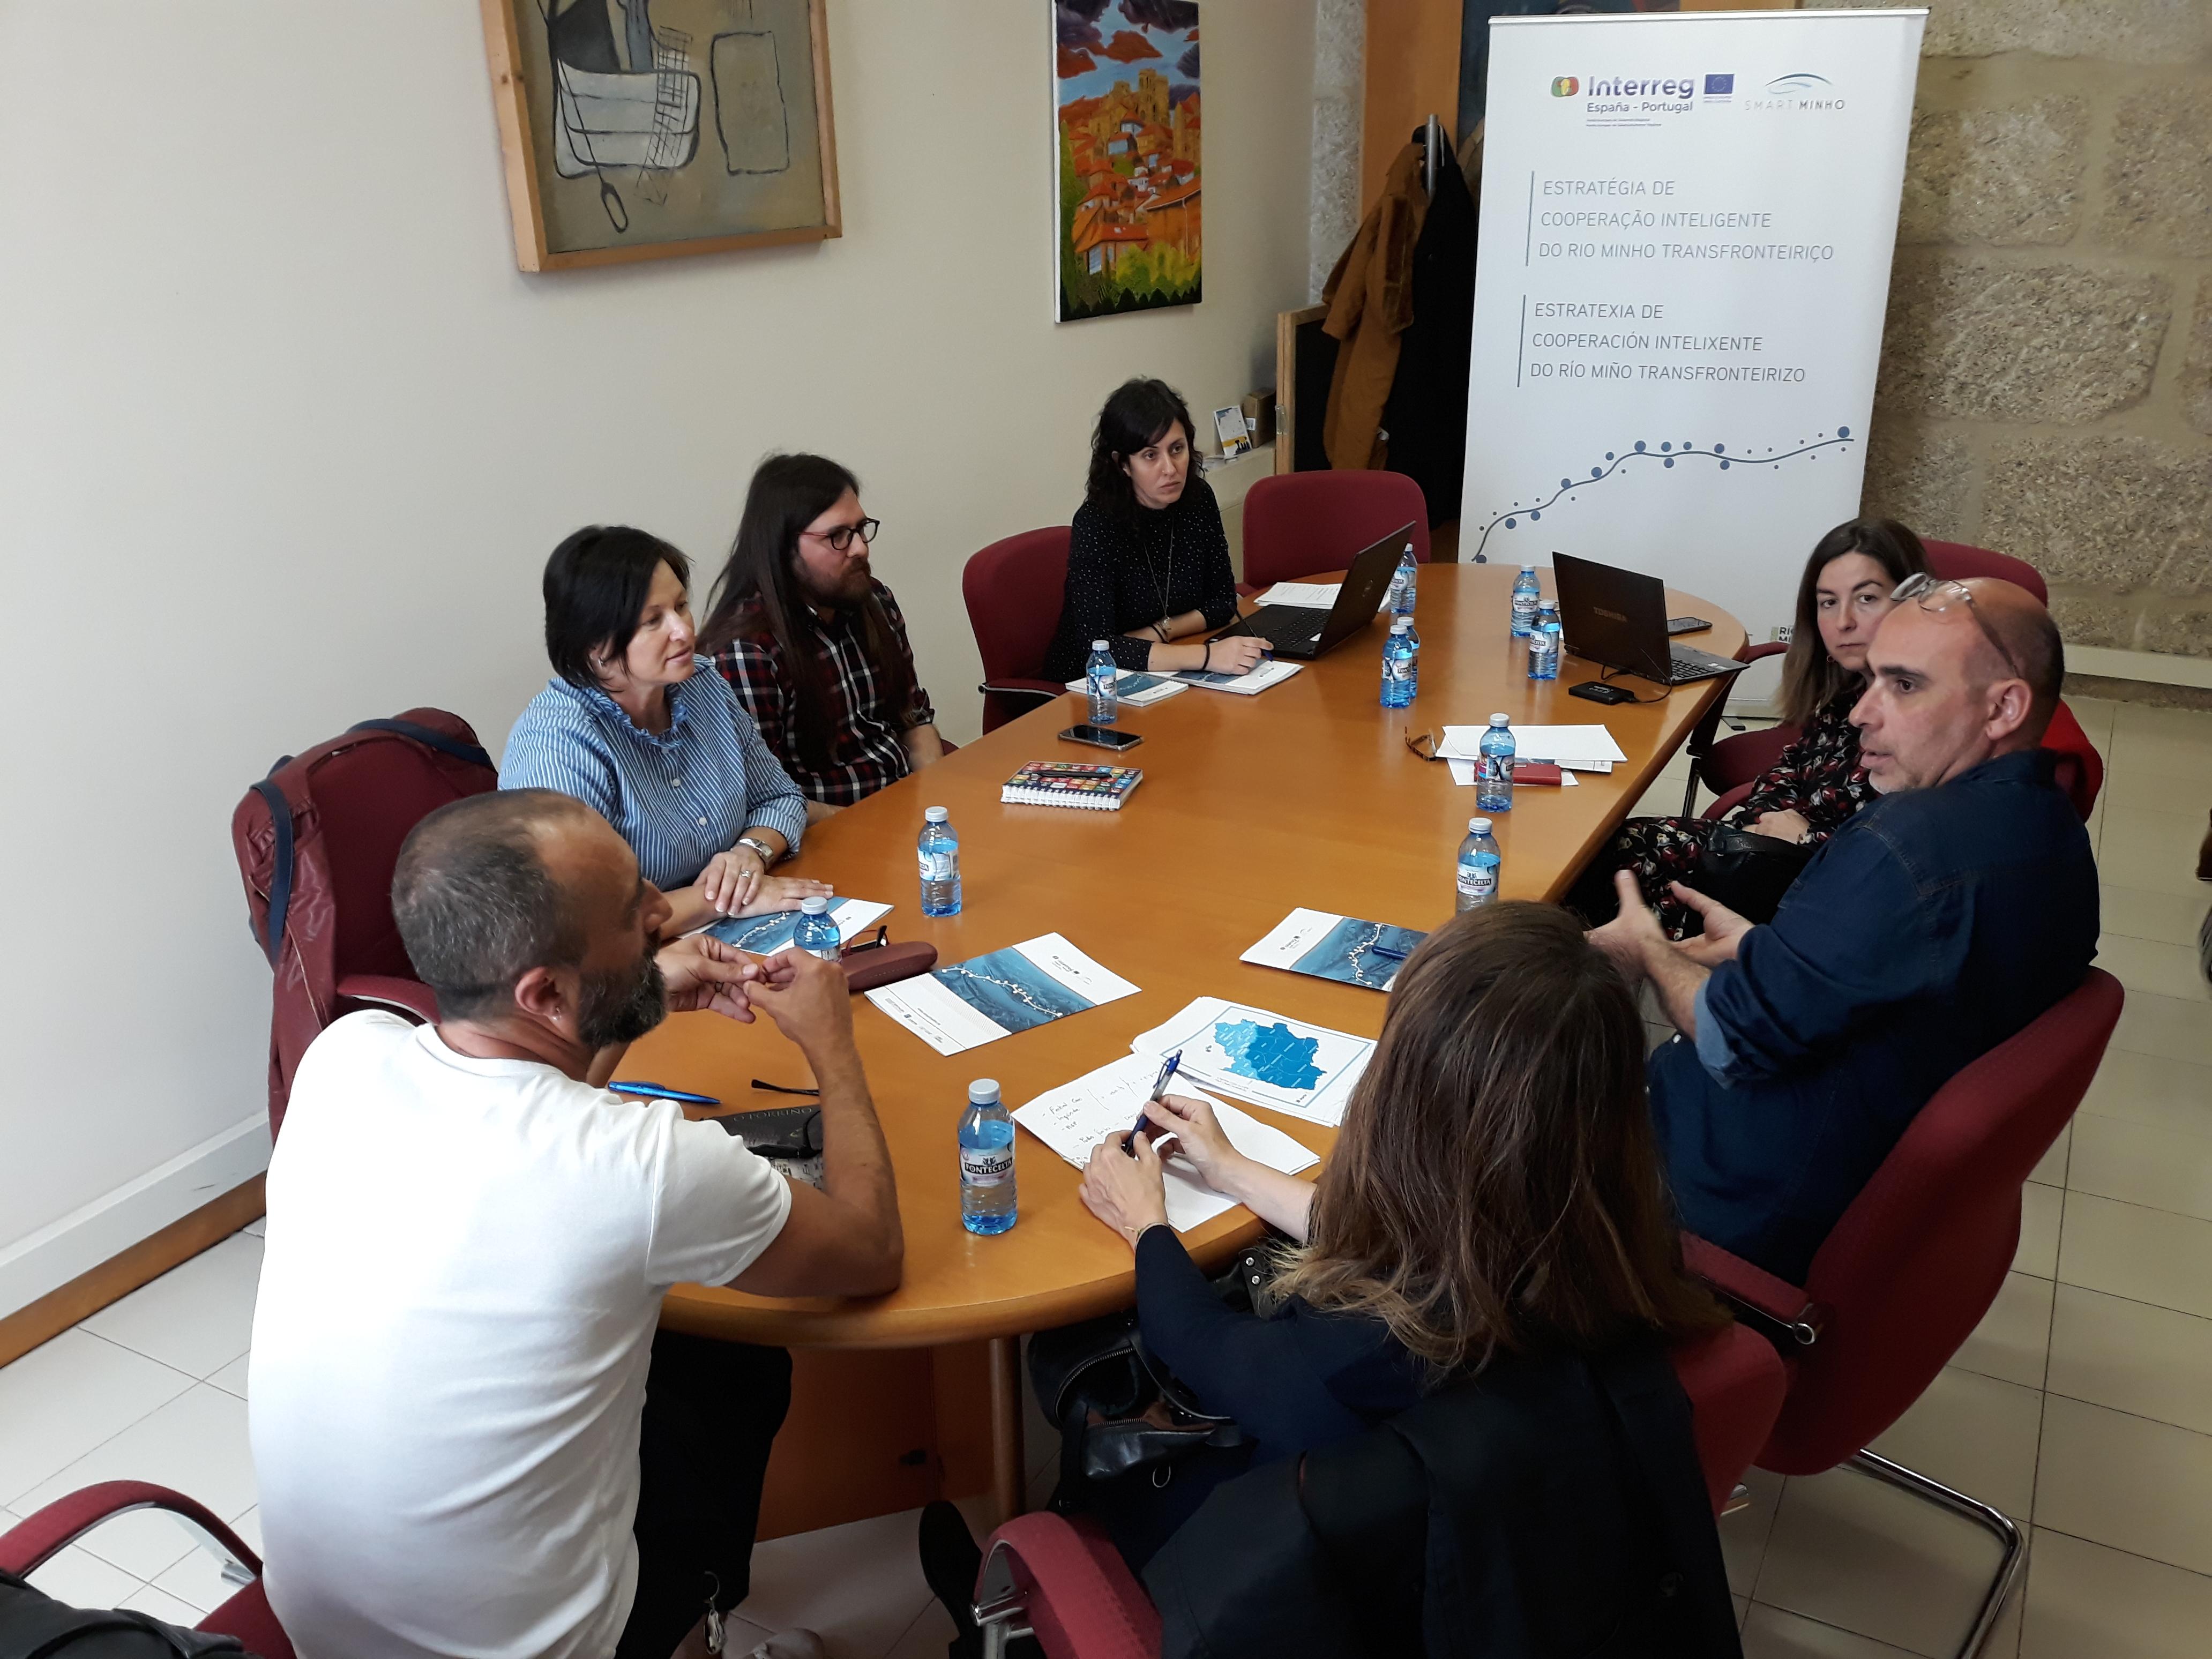 Reunión con técnicos de cultura municipais da marxe galega do territorio do Río Miño